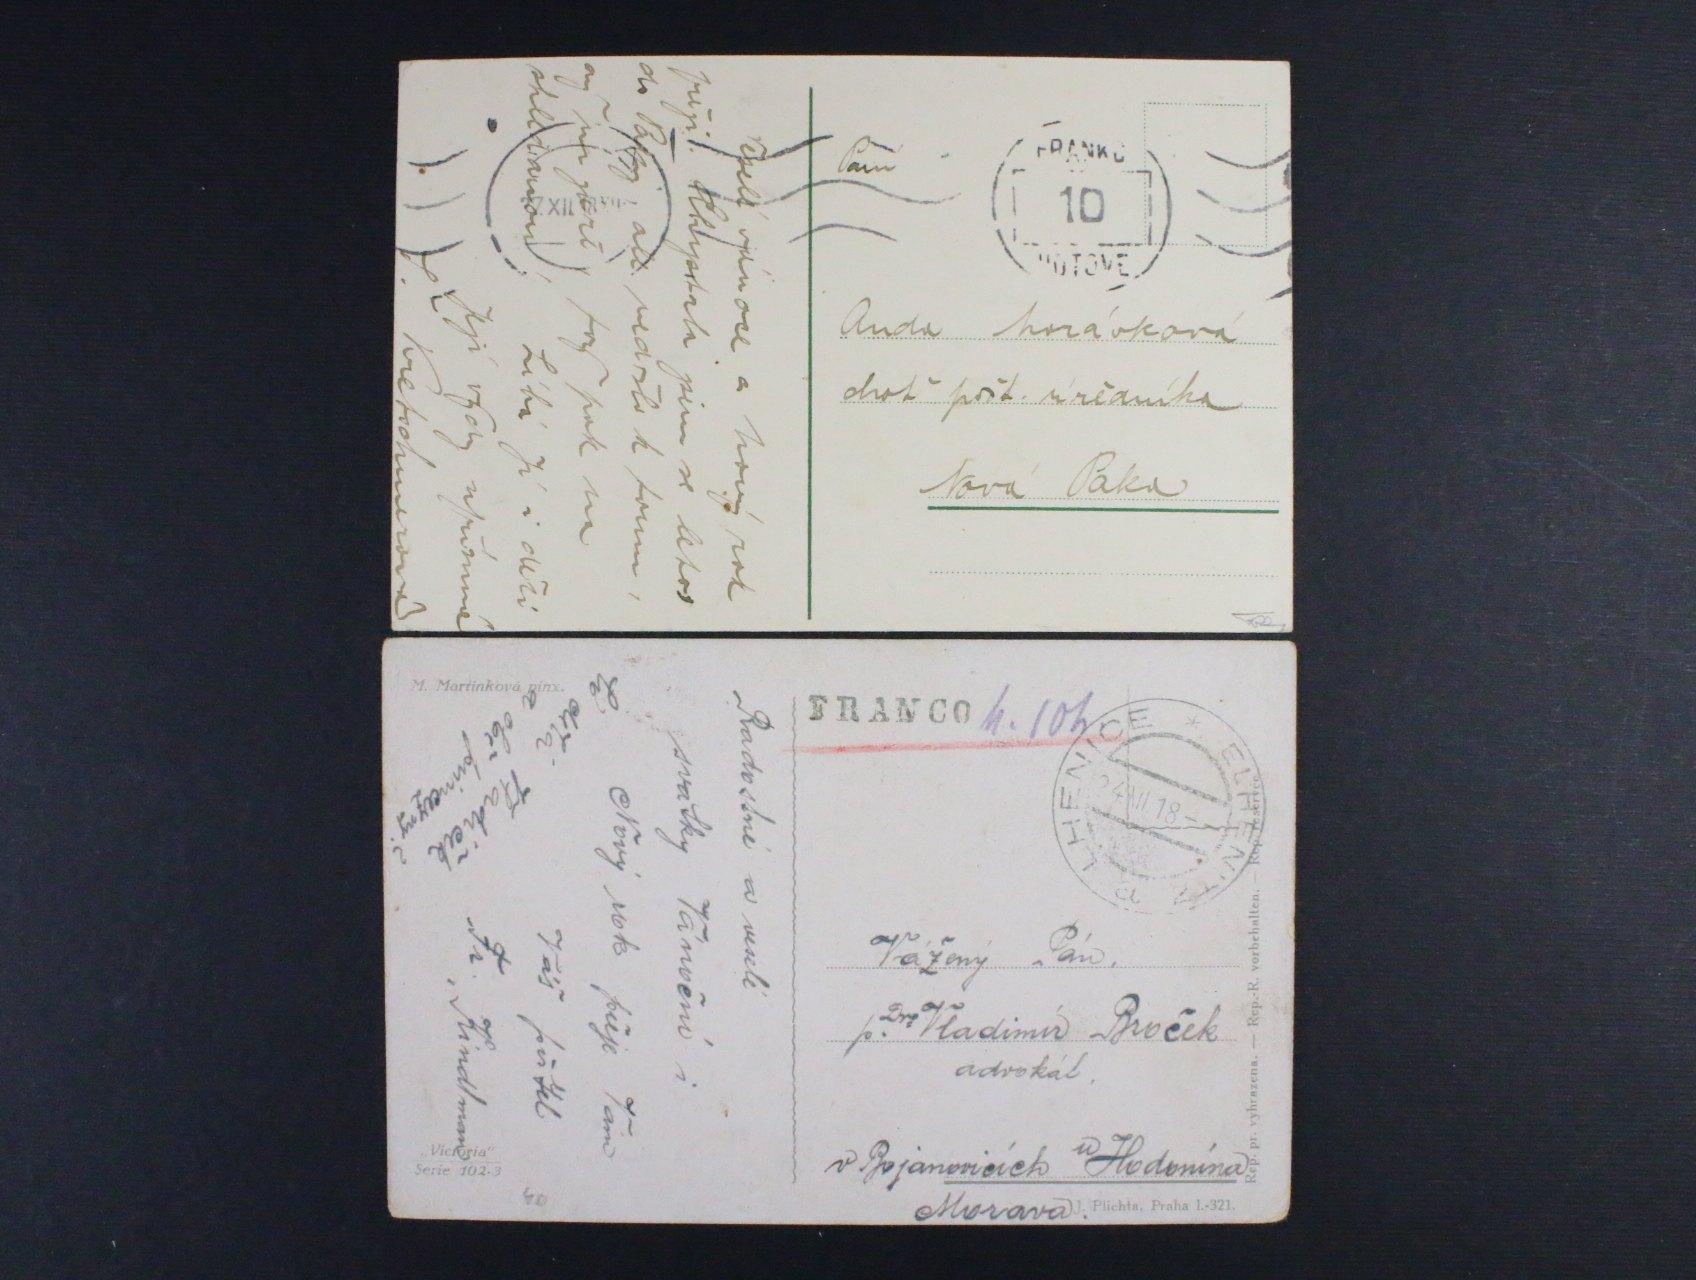 pohlednice do Hodonína vyplaceno v hotovosti, pod. raz. ELHENICE 24.12.18 a pohlednice do Nové Paky se stroj. raz. PRAHA 27.12.18 FRANKO HOTOVĚ 10H, zajímavé